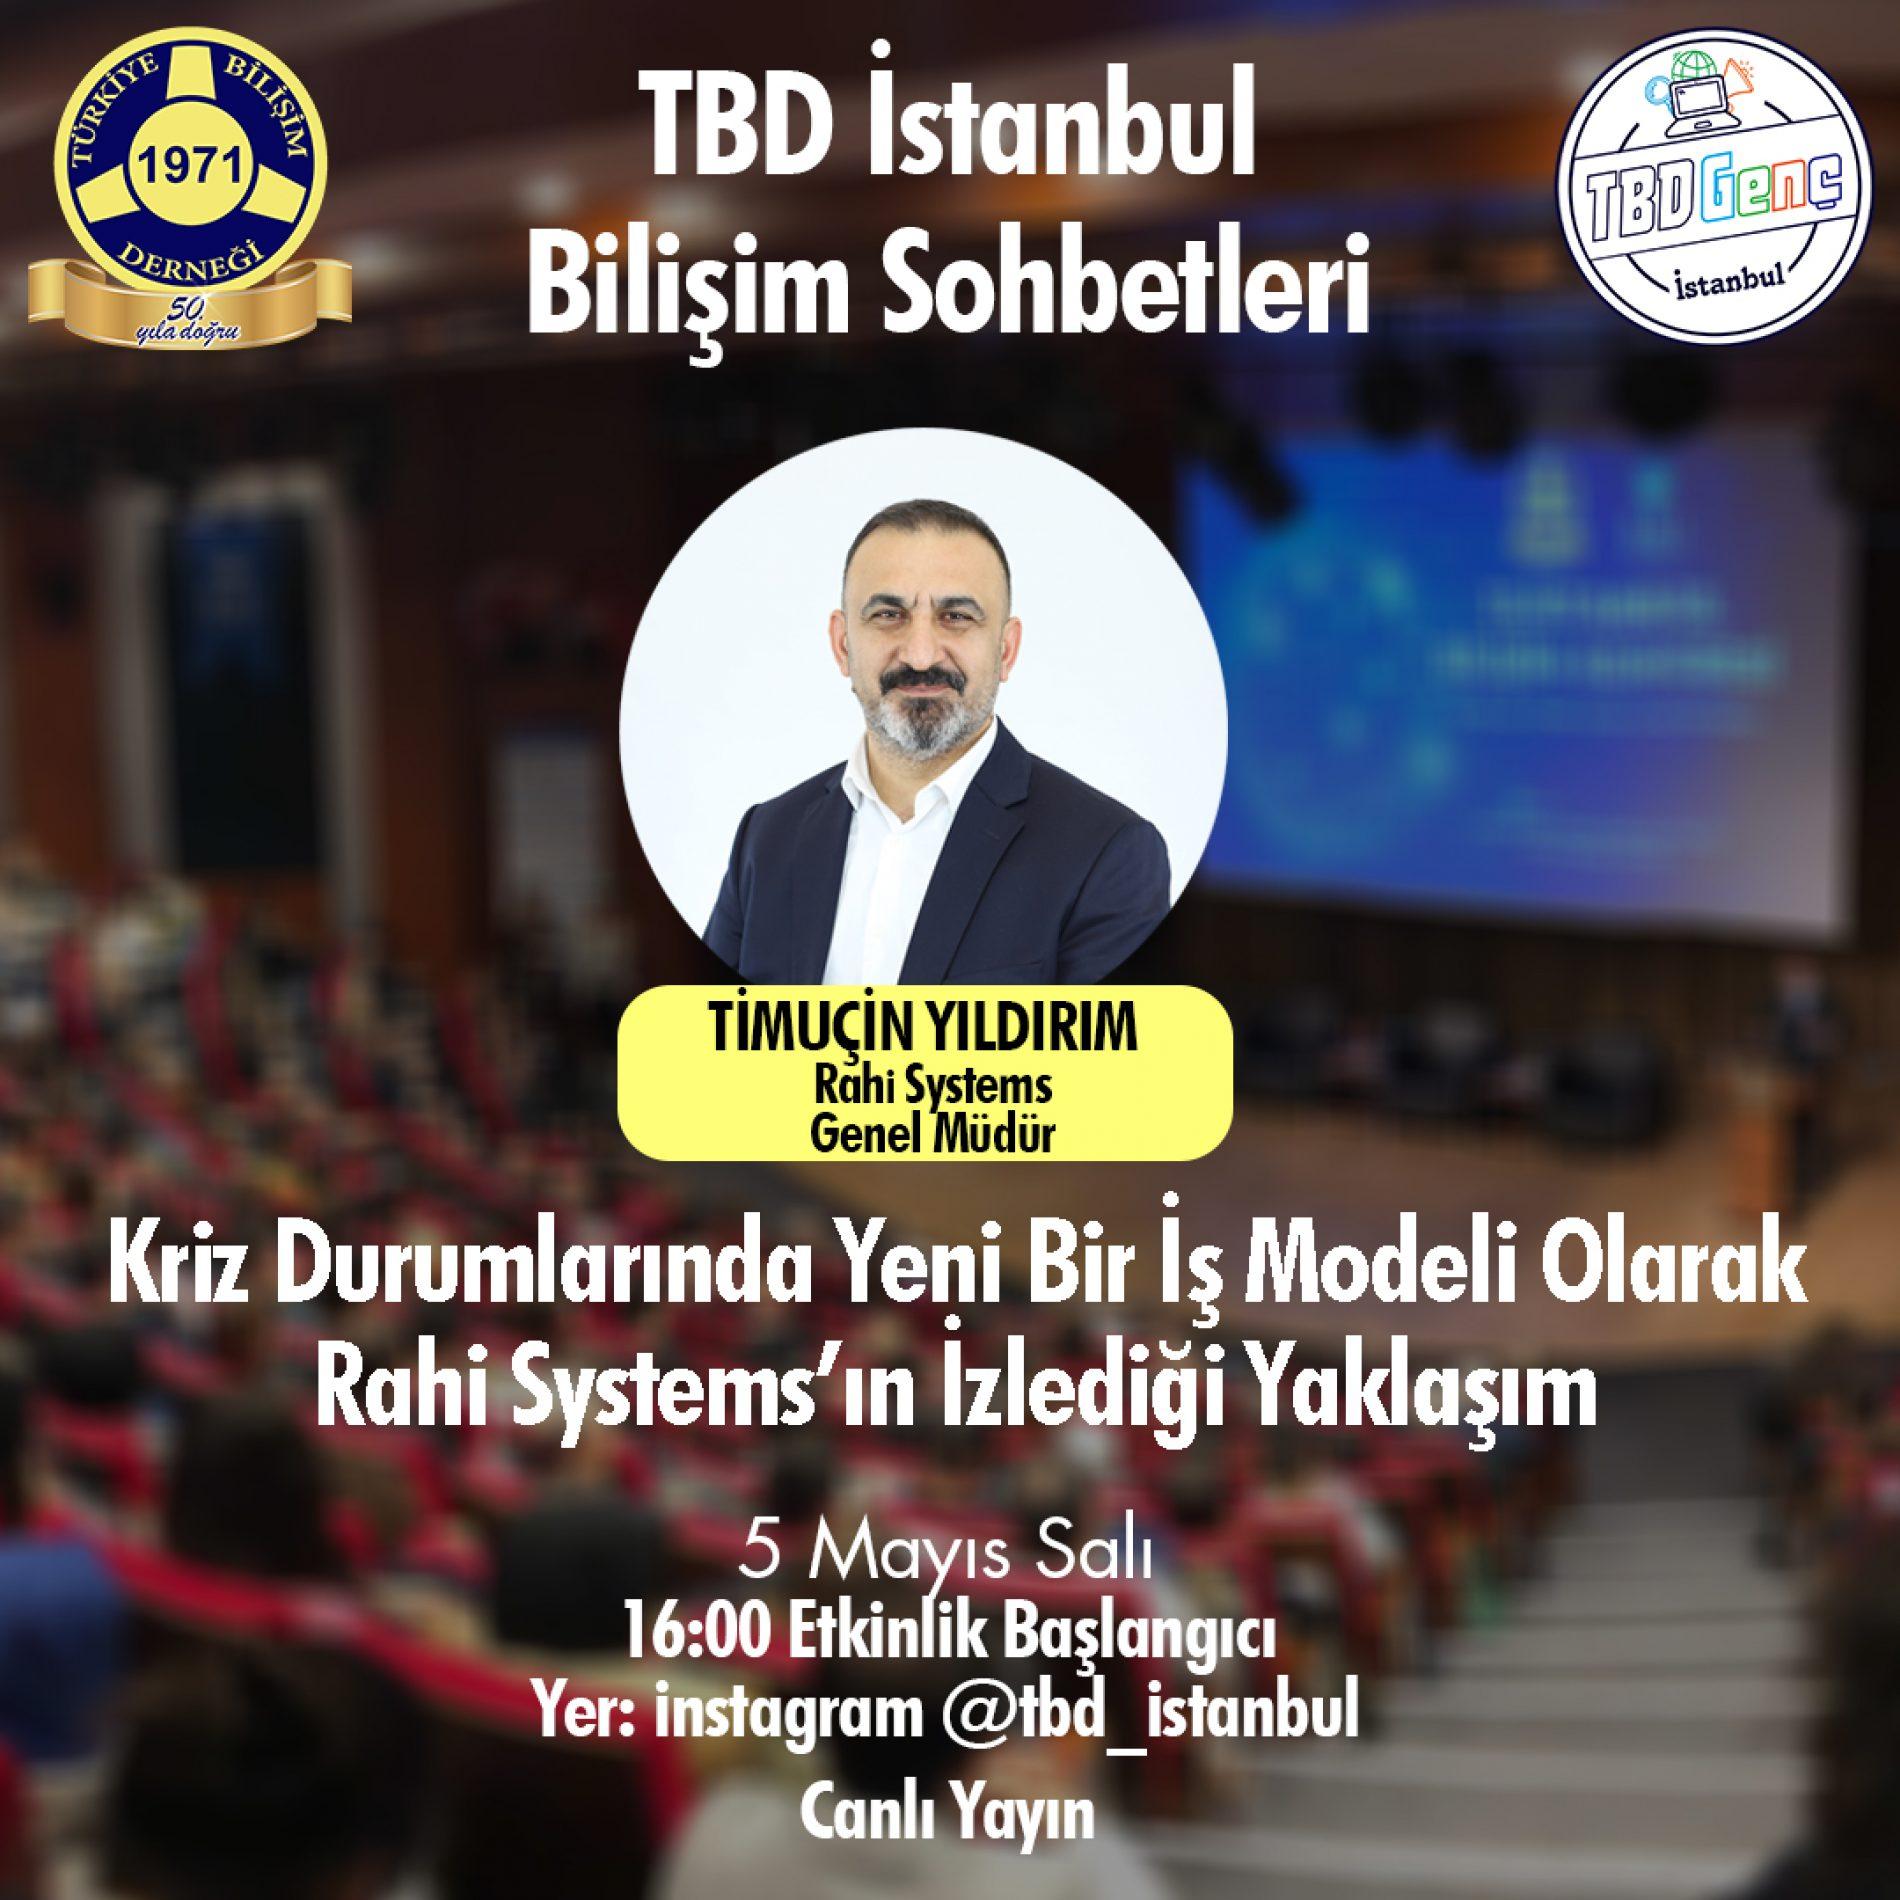 TBD İstanbul Bilişim Sohbetleri: Kriz Durumlarında Yeni Bir İş Modeli Olarak Rahi Systems'ın İzlediği Yaklaşım